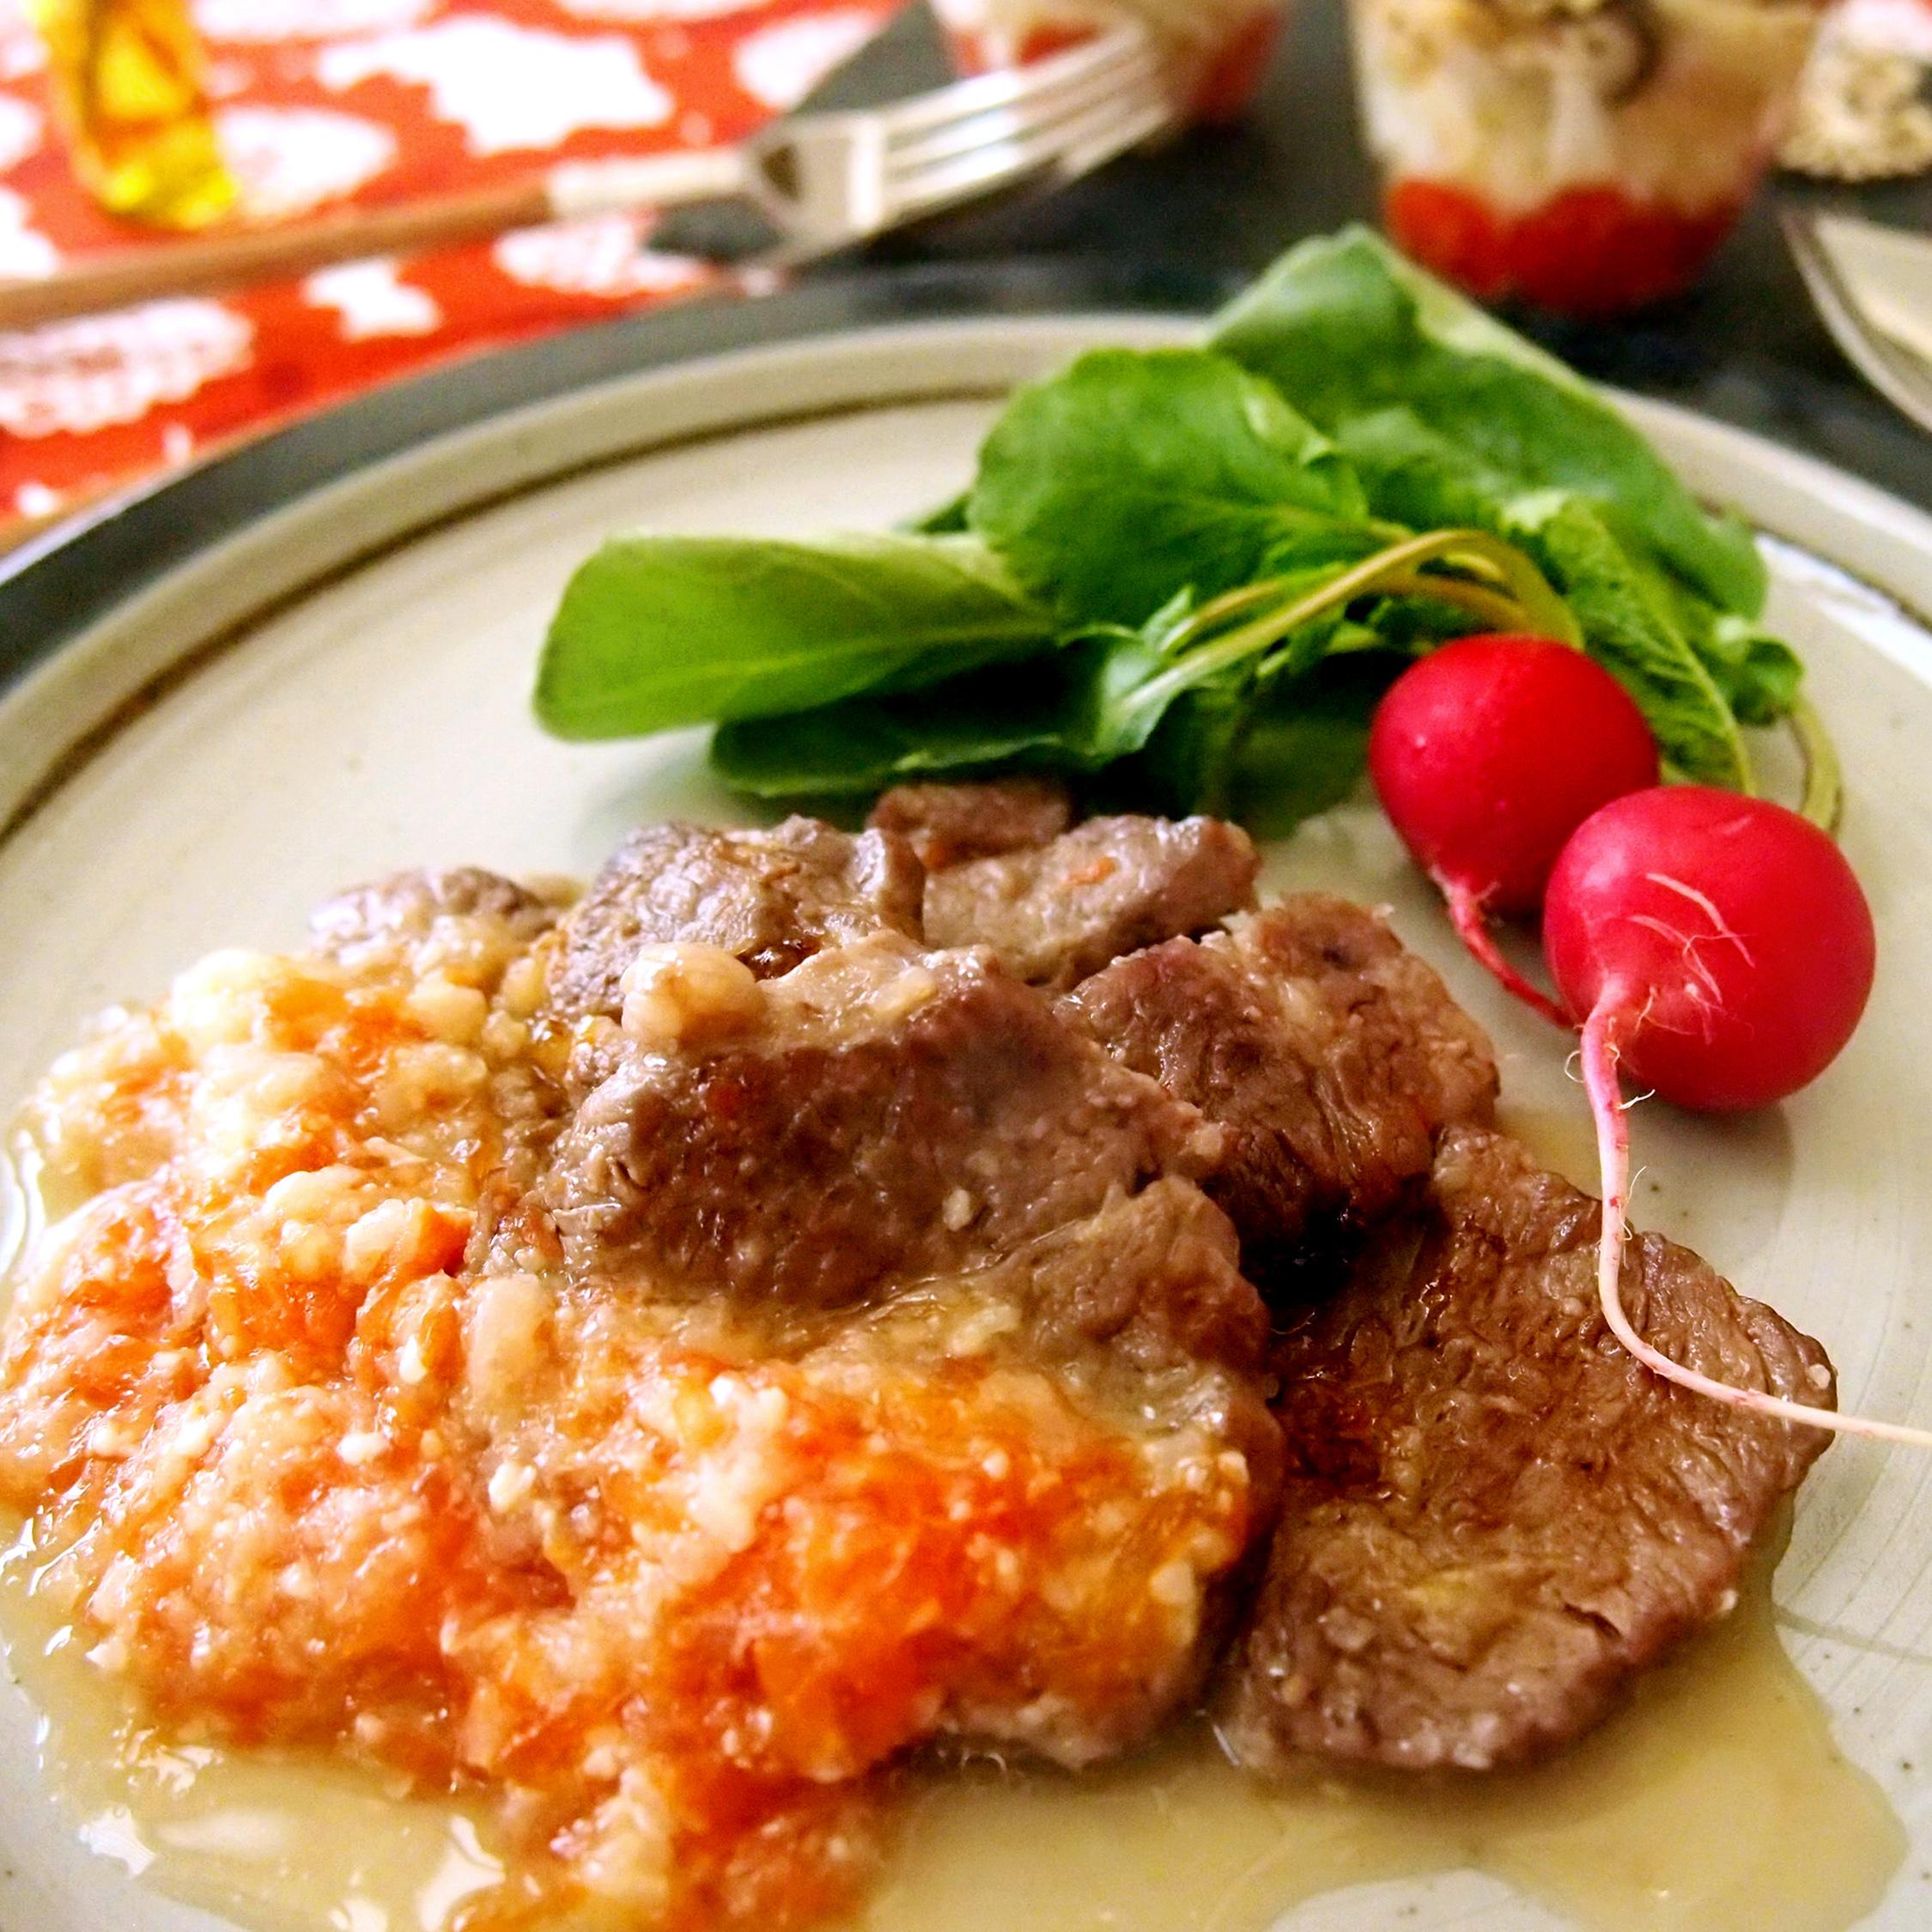 ラム肉のグリルグレープフルーツソース